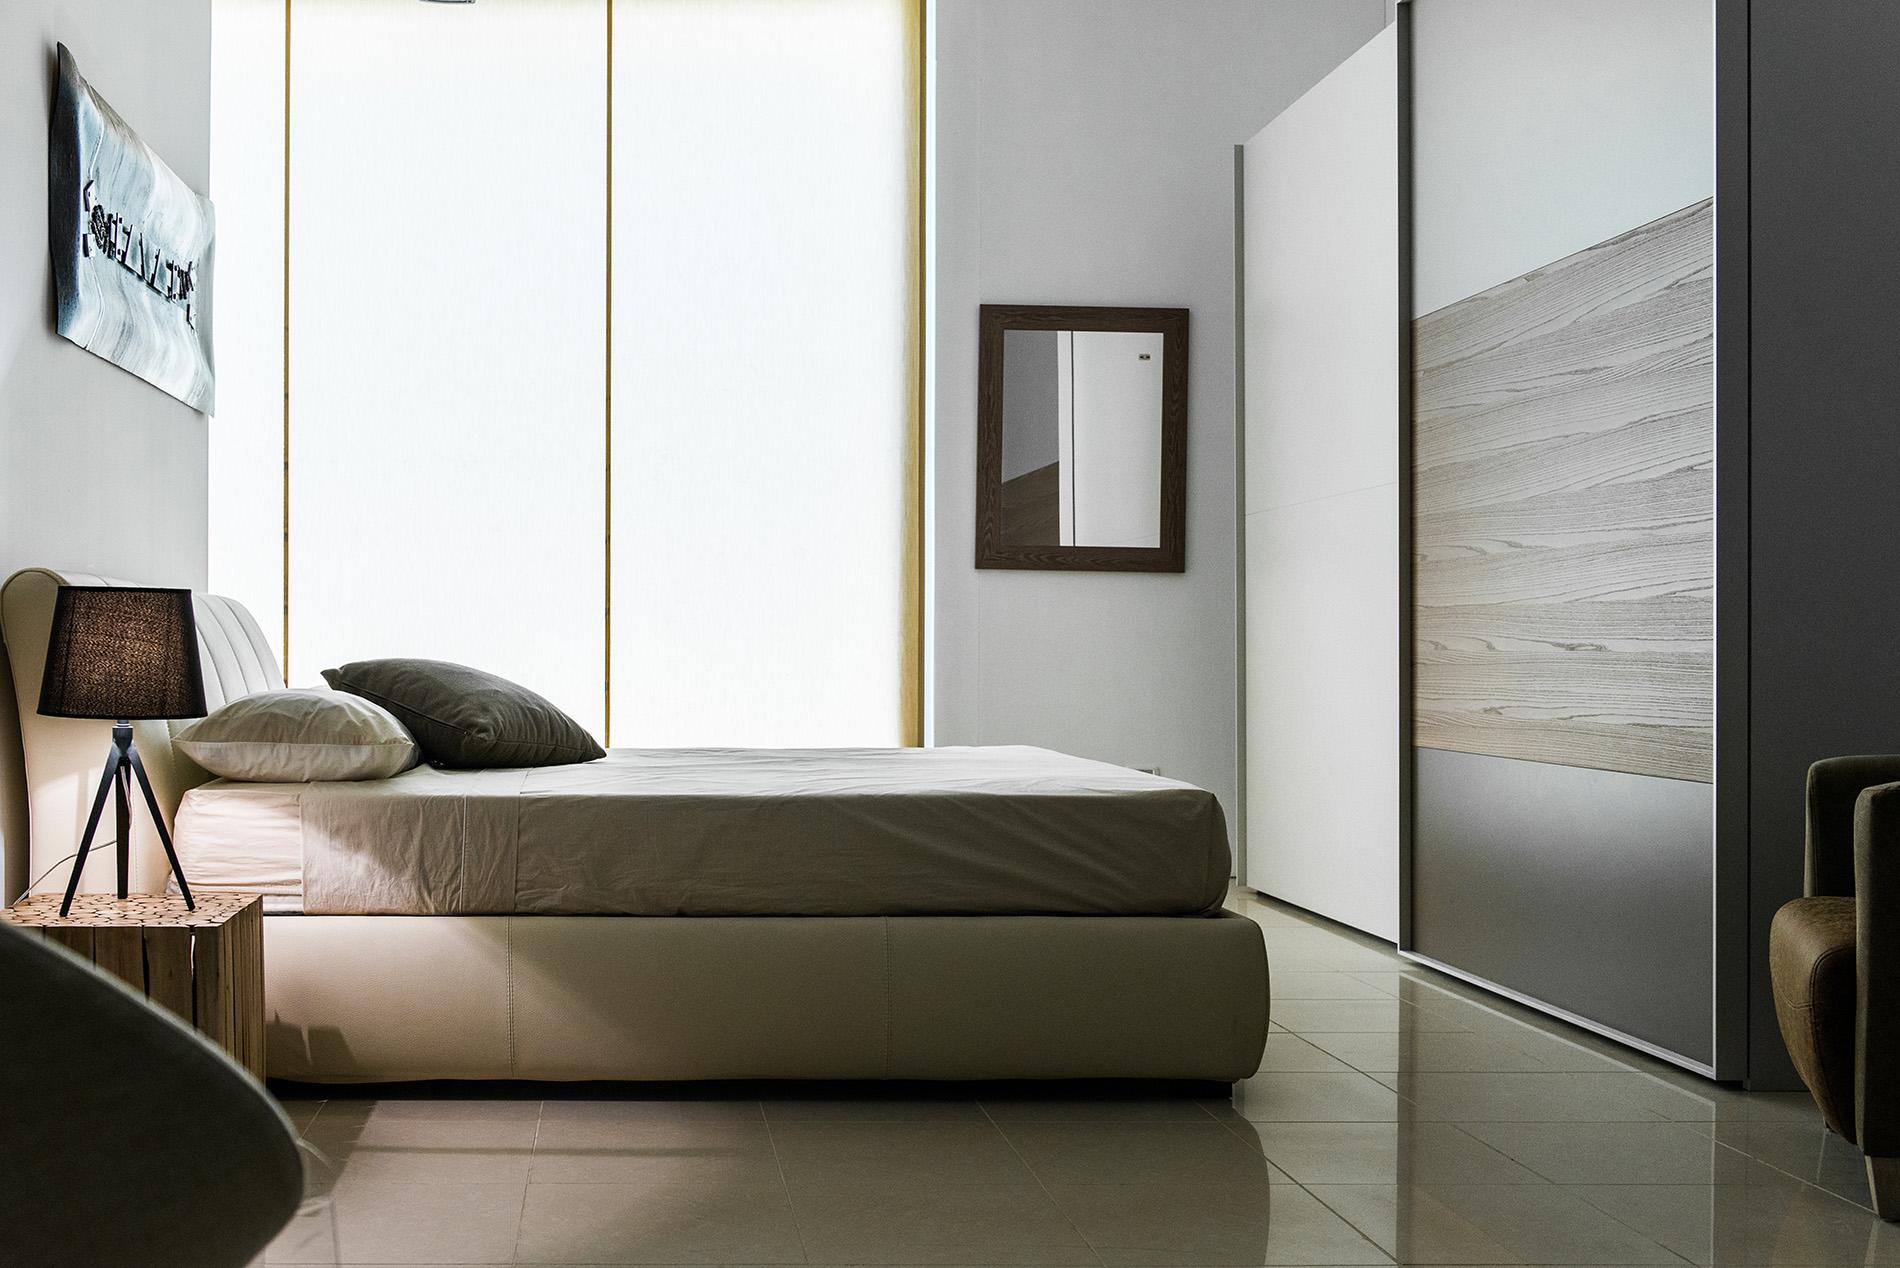 Camere da letto showroom gambula arredamenti gambula - Arredamenti camere da letto ...